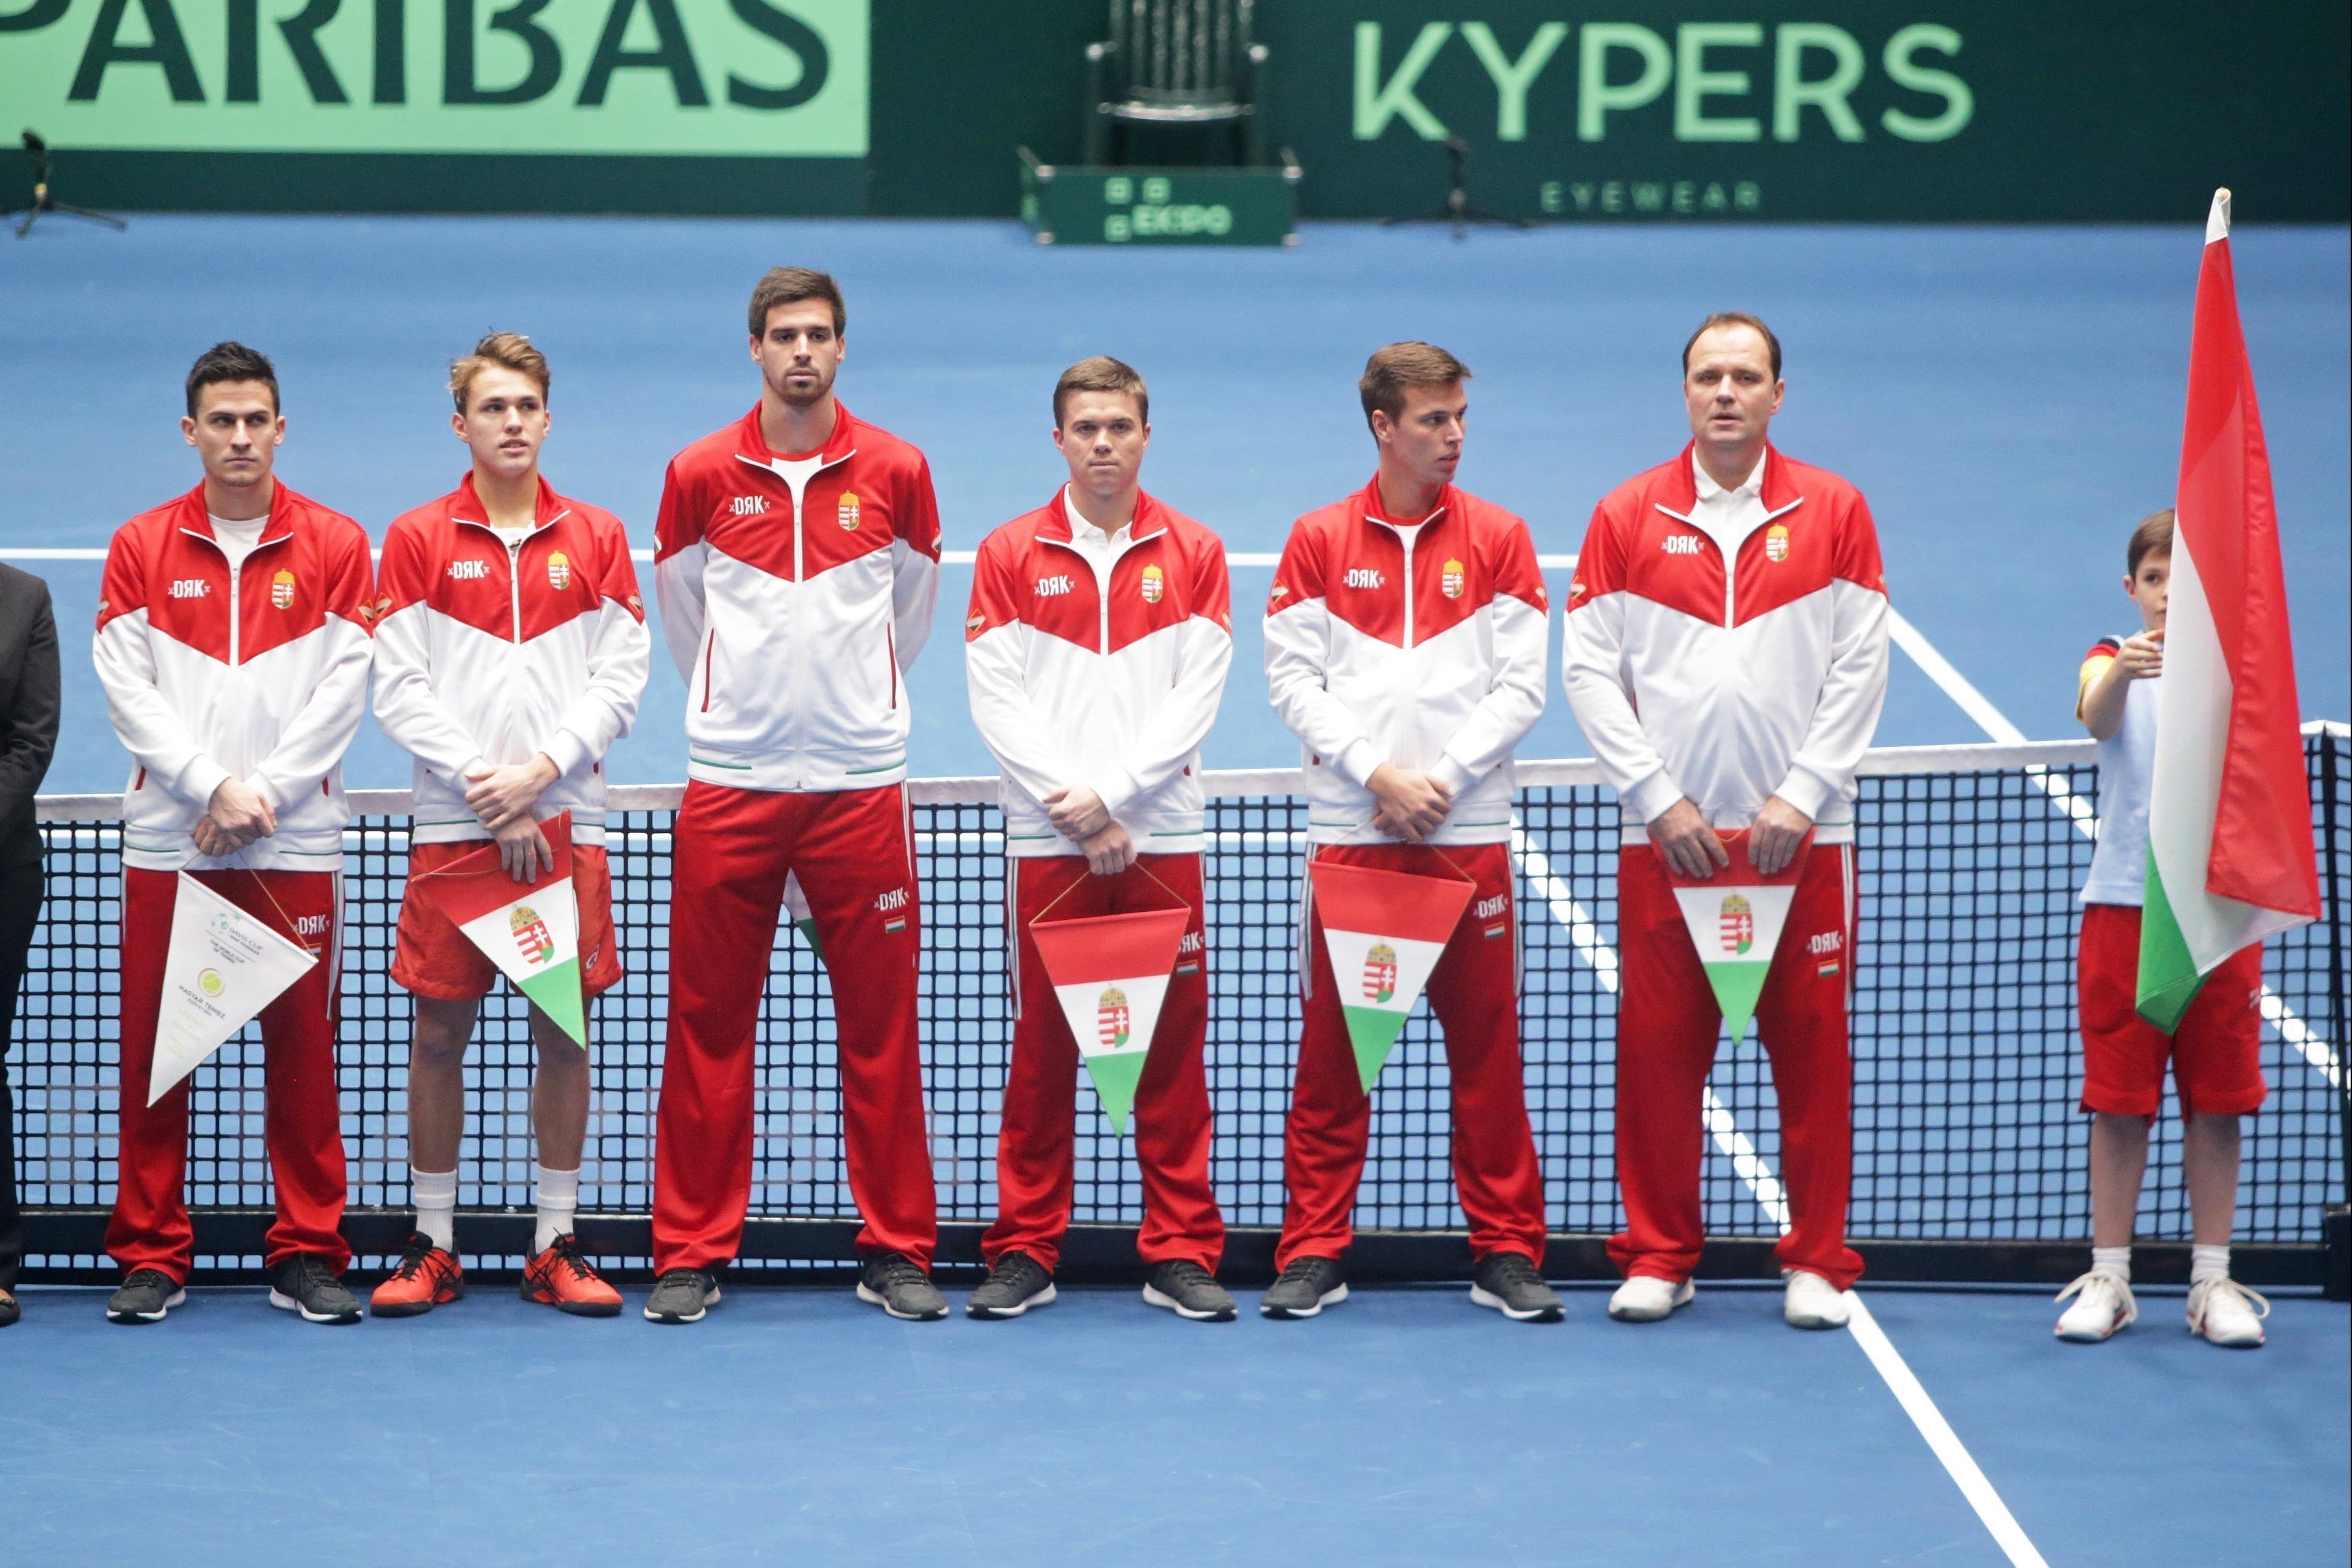 037a6bff03 Ukrajnával találkozik a Davis-kupa-osztályozón a magyar válogatott